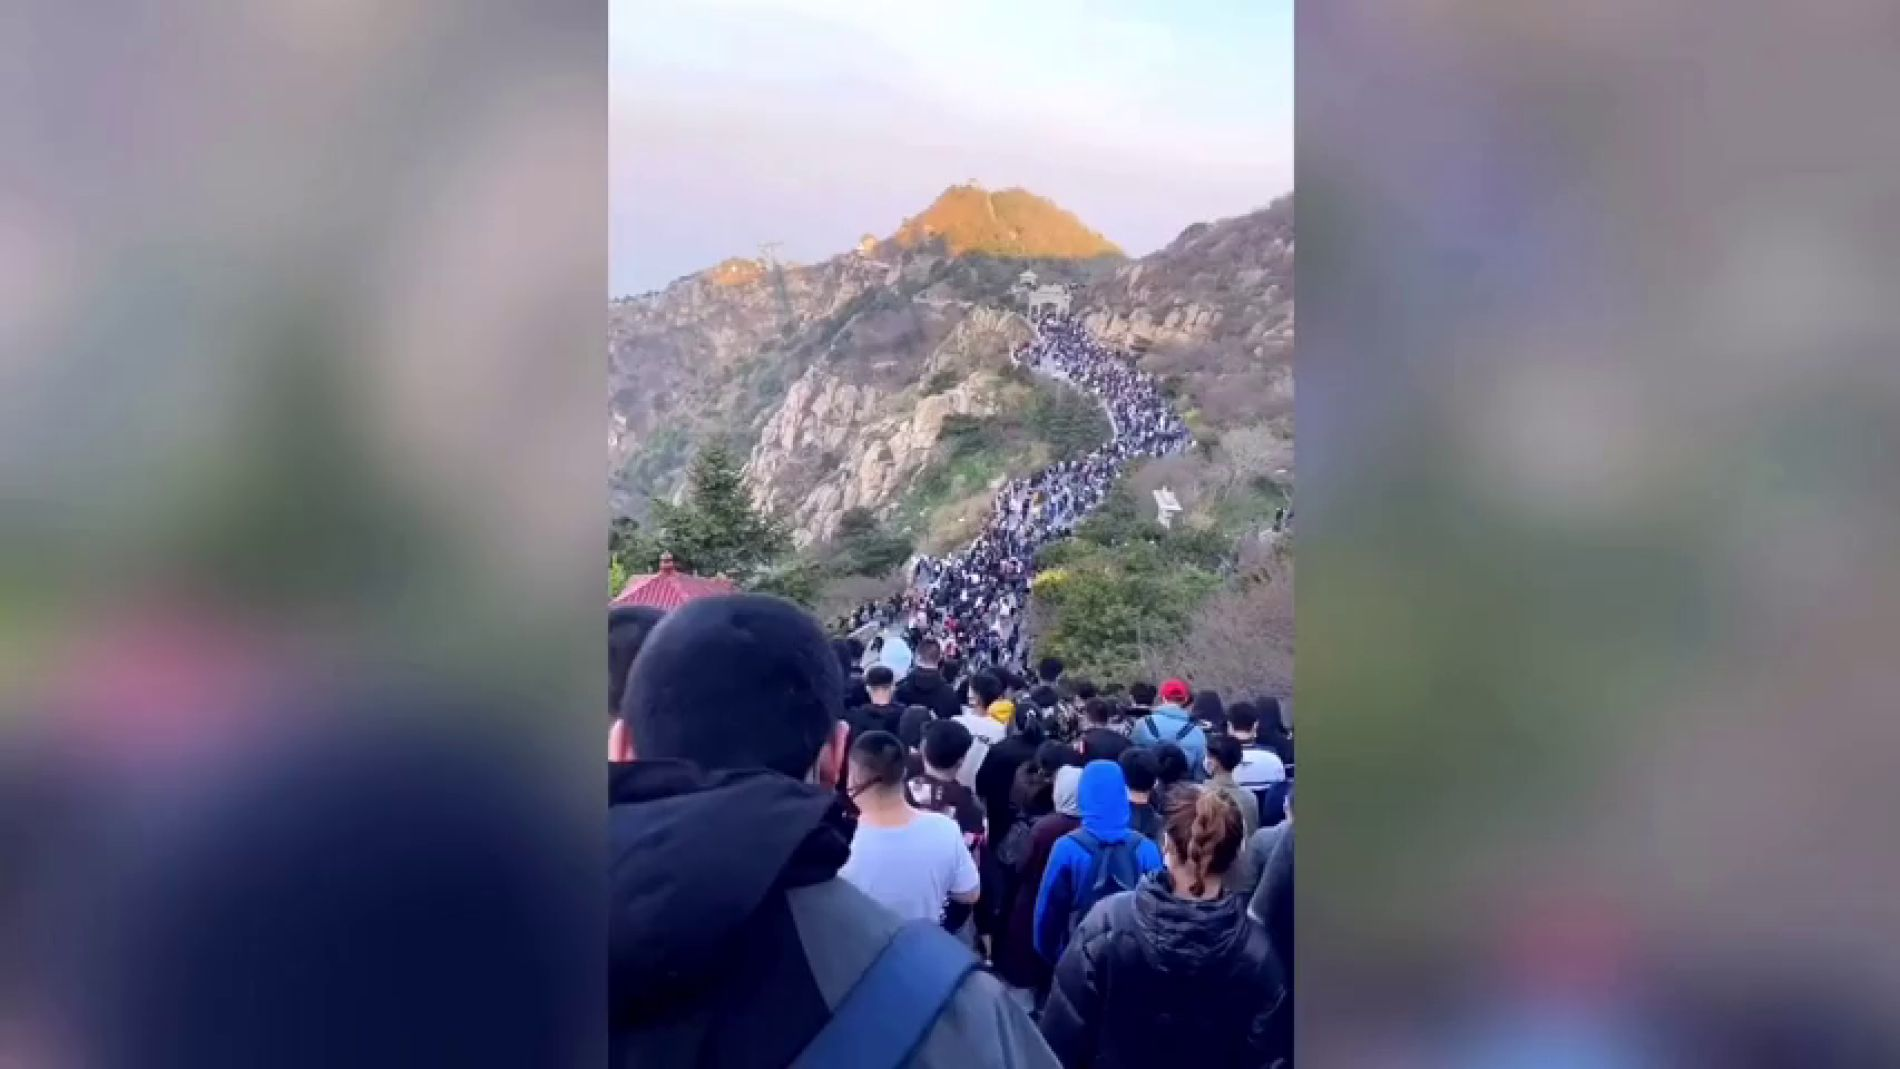 VÍDEO: Nueva avalancha de turistas en China en plena epidemia mundial de COVID-19